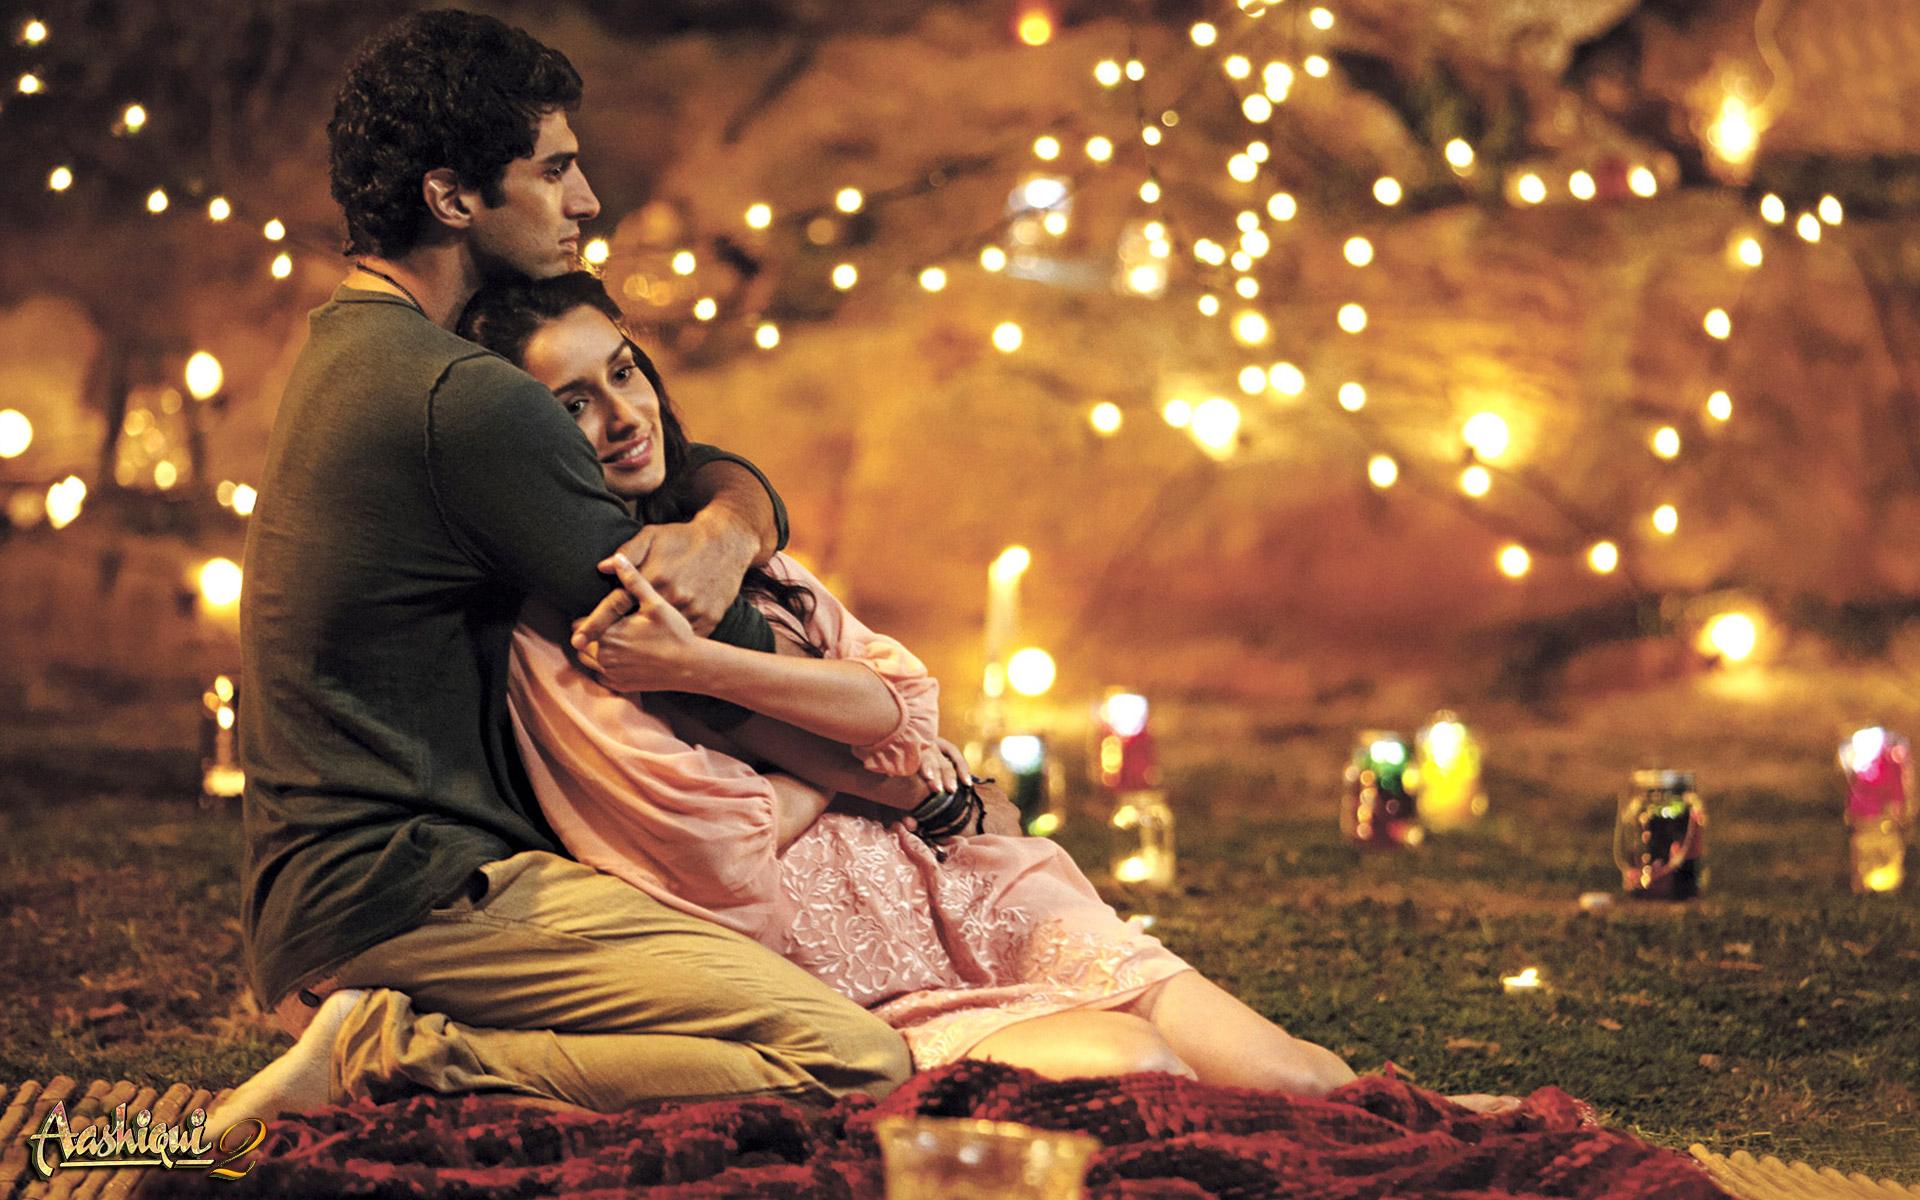 Best romantic movie songs